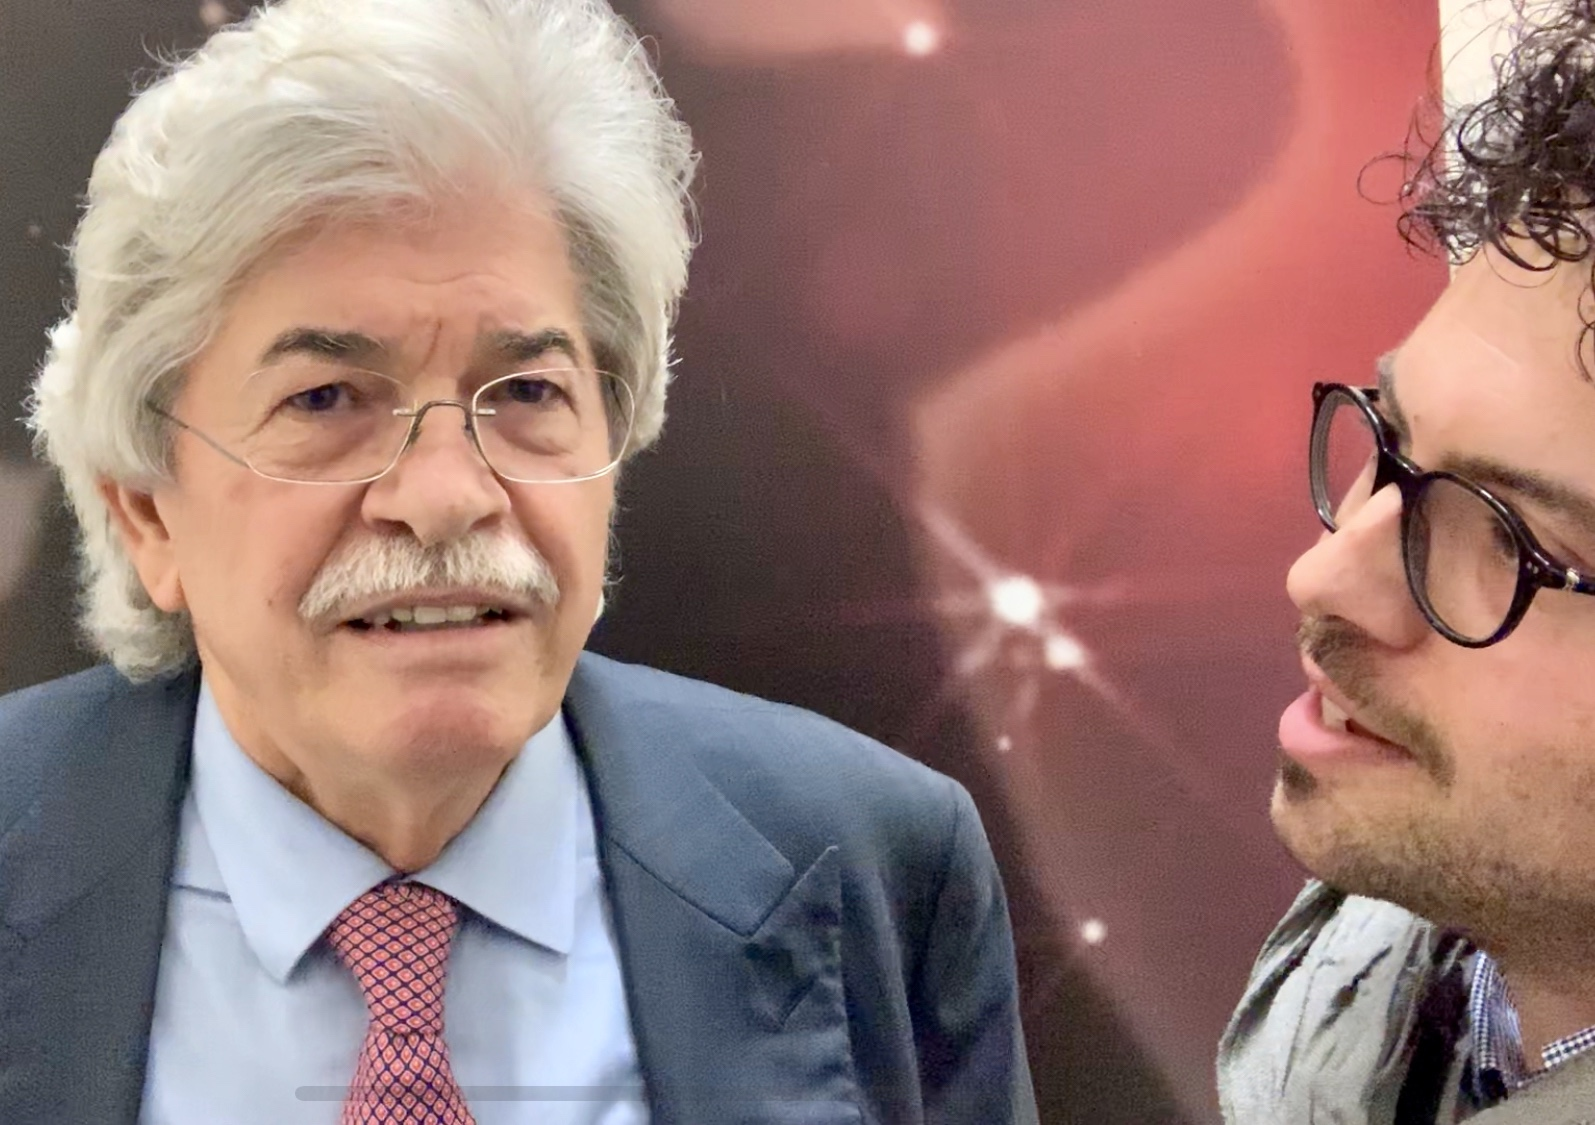 Quella volta che incontrai Antonio Razzi a Ballando con le stelle 2019